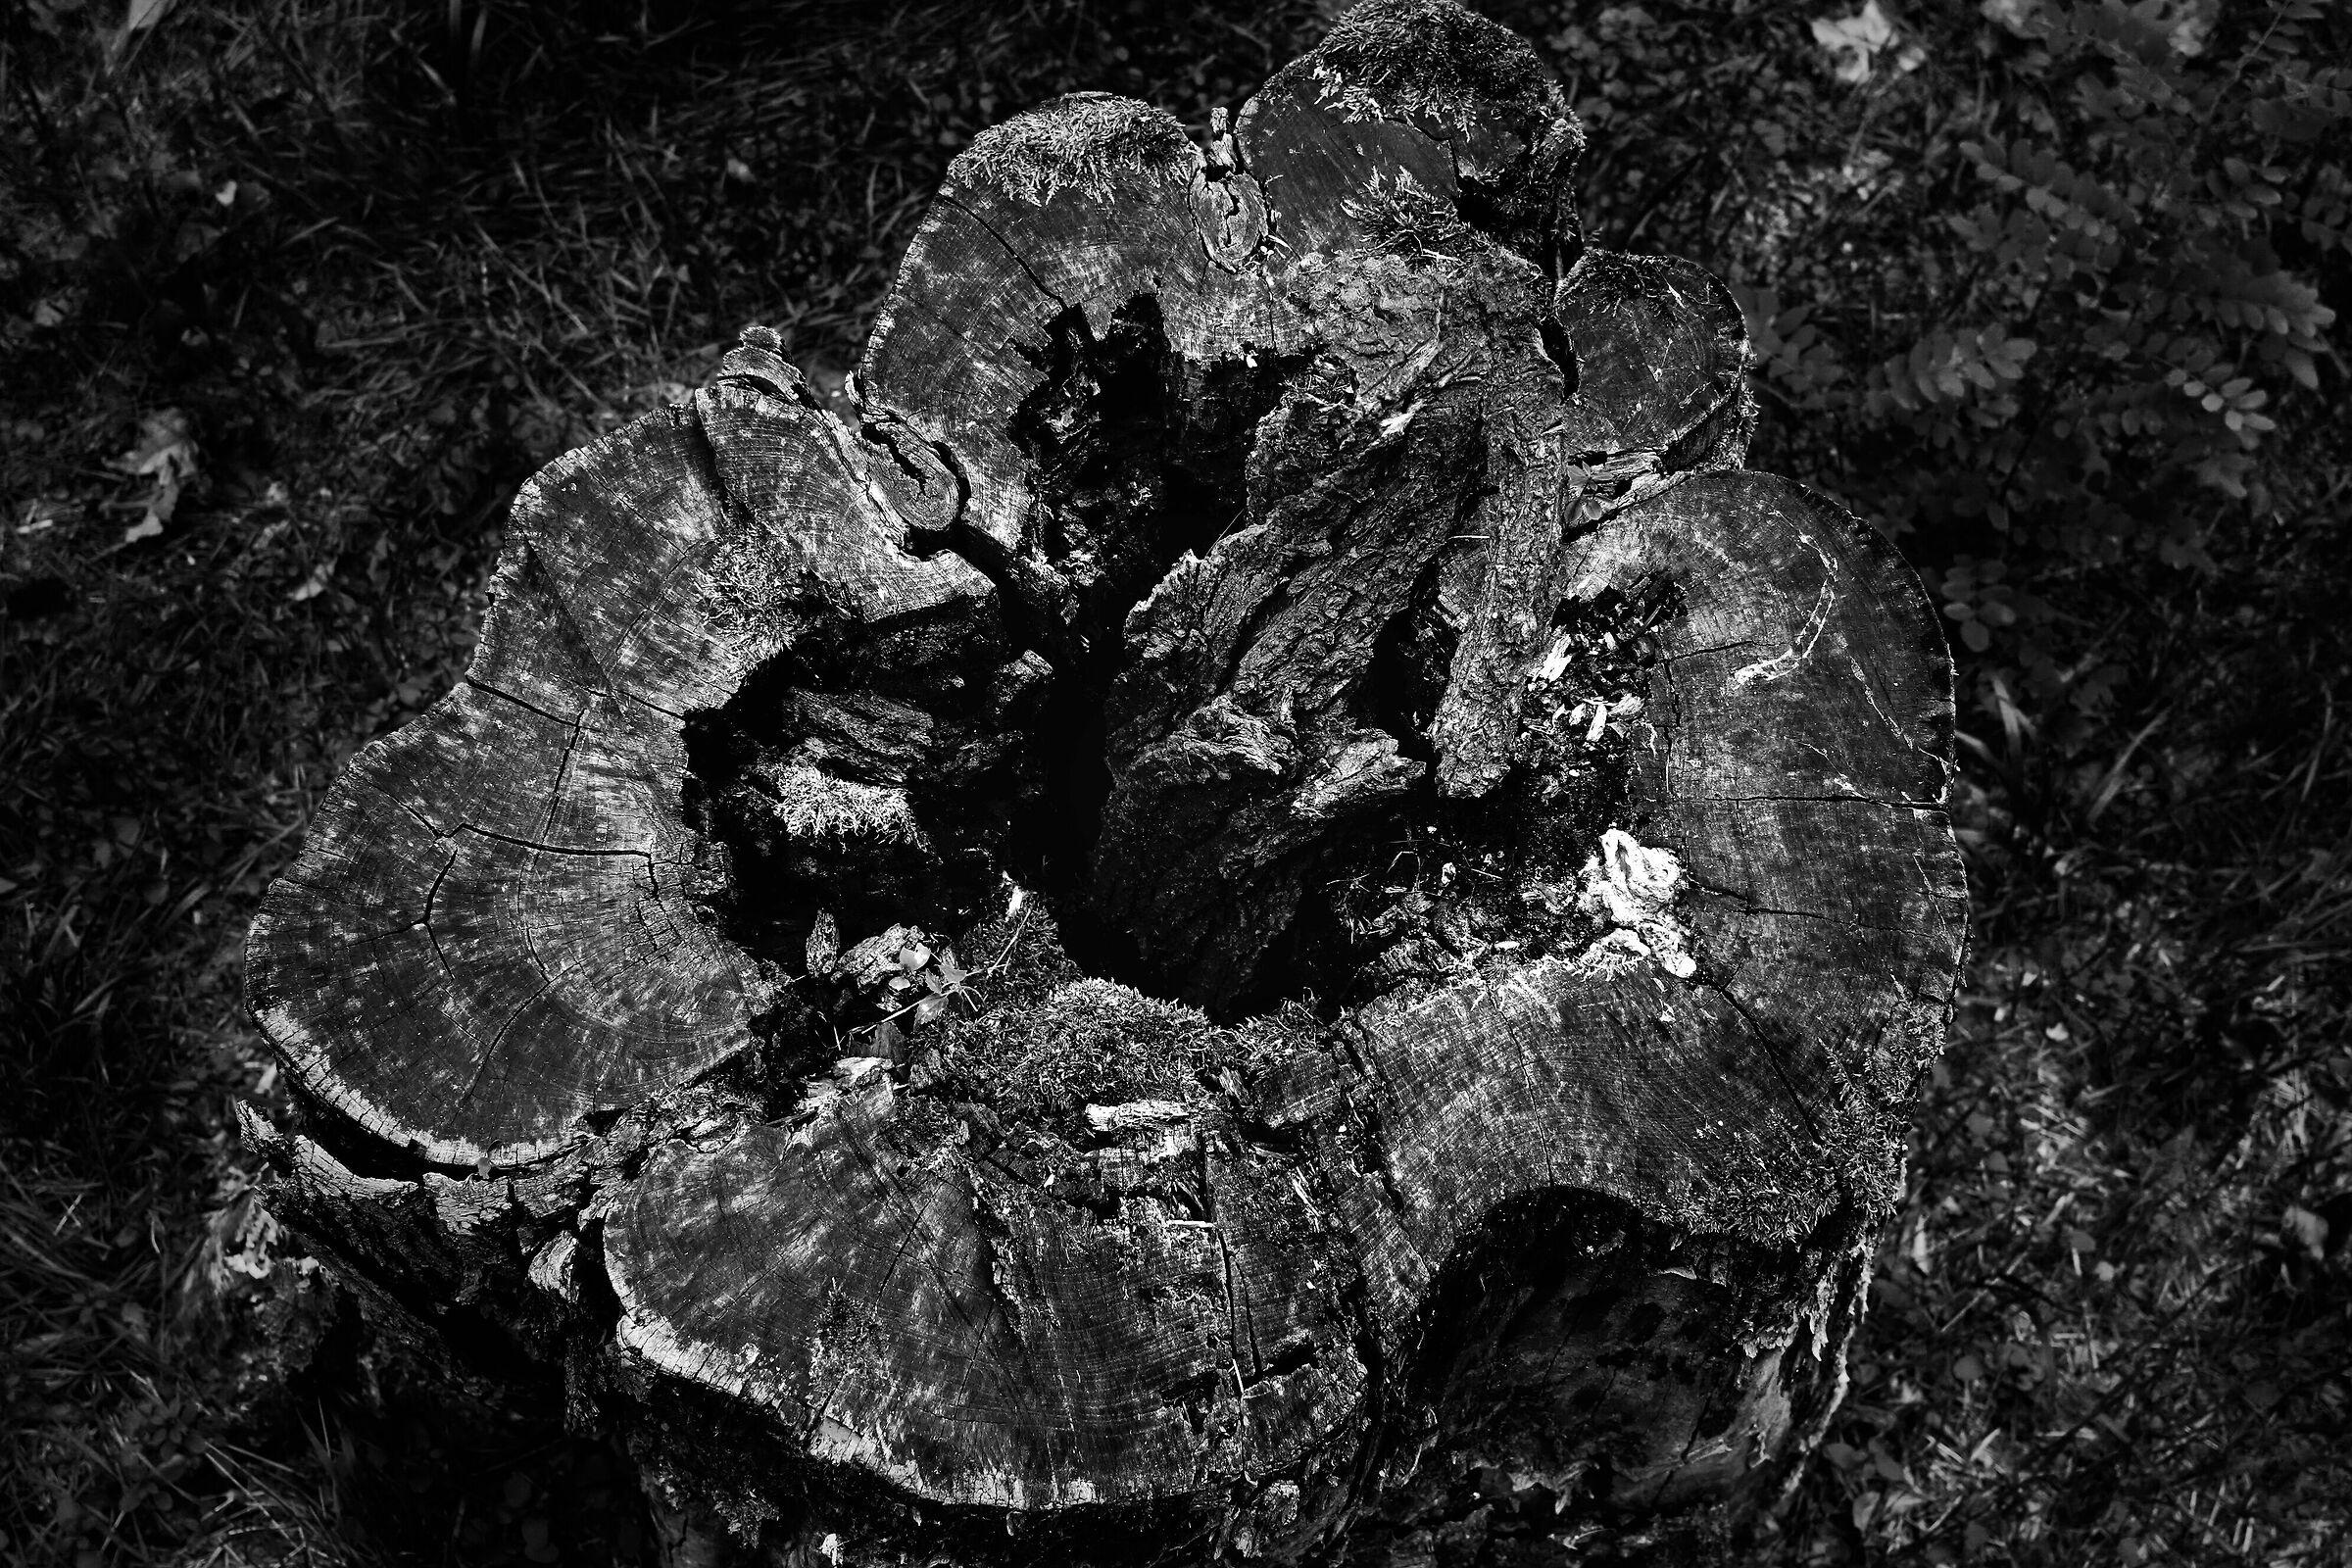 Tree Casing 3...